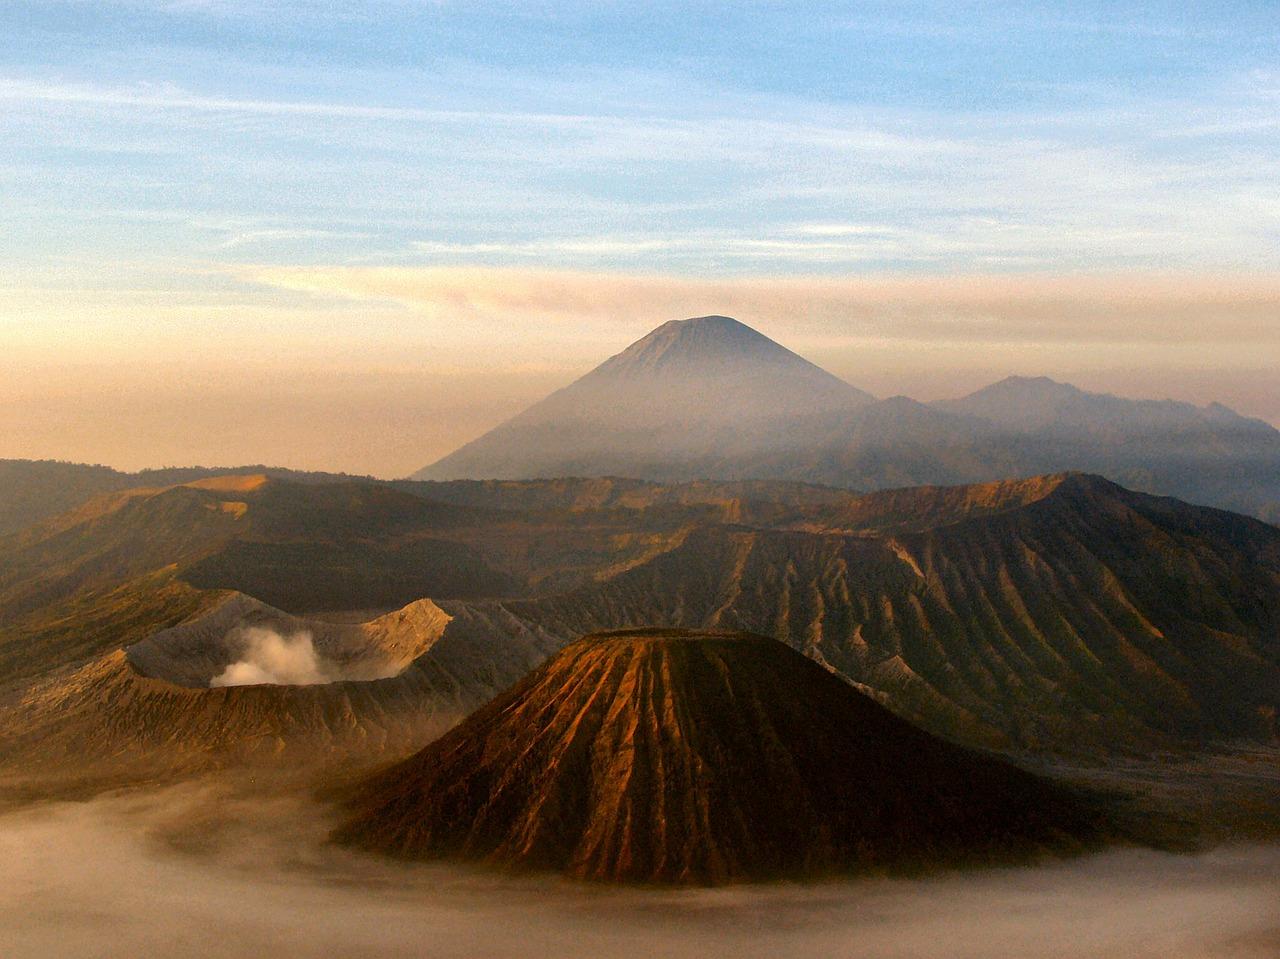 Einfach nur atemberaubend: Die Aussicht auf den Vulkan Bromo auf Java